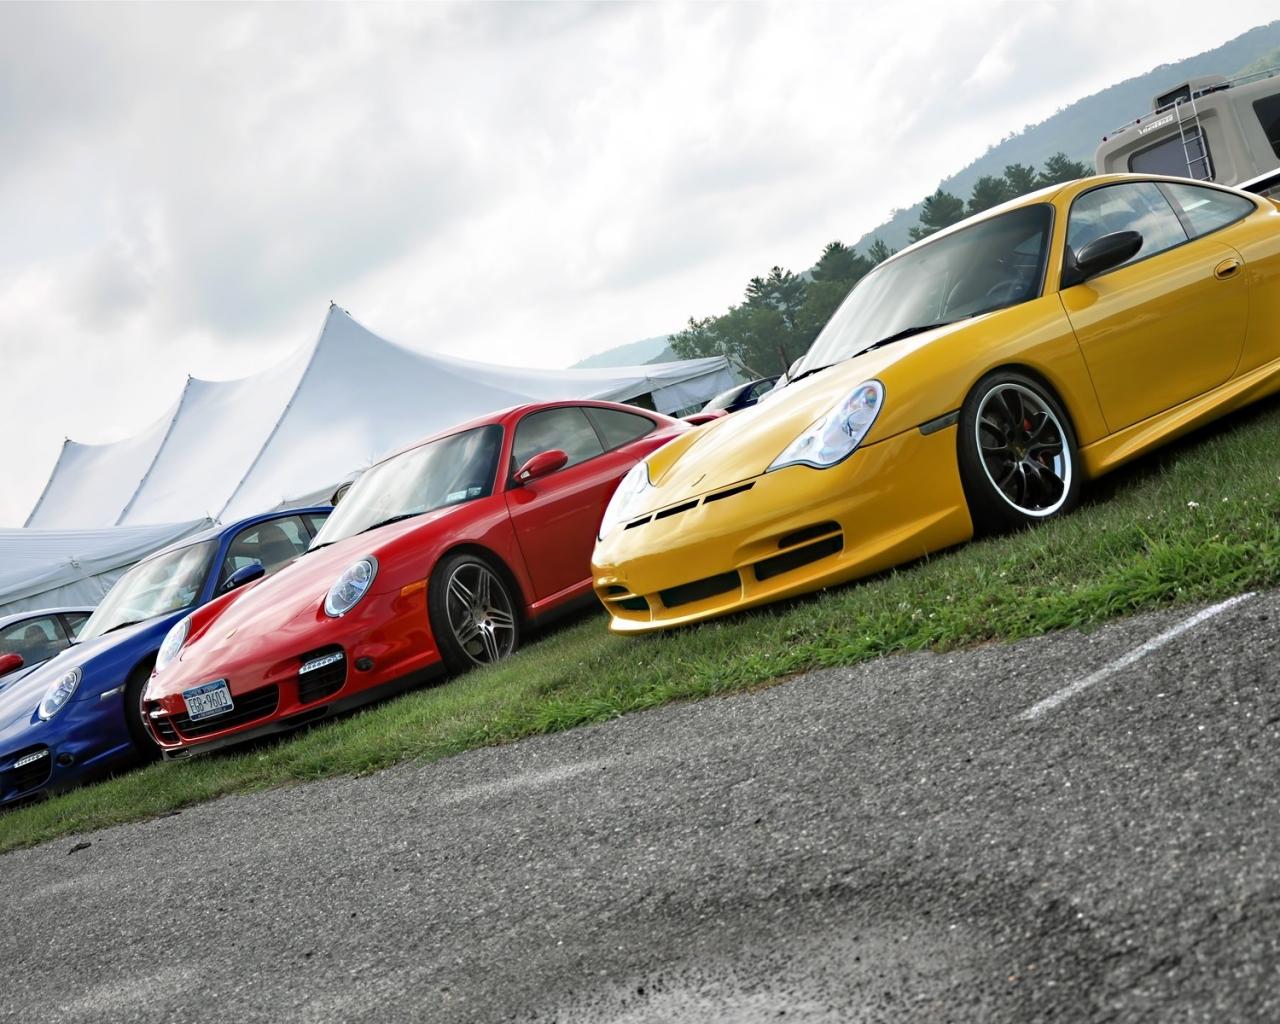 Autos Porsche de colores - 1280x1024